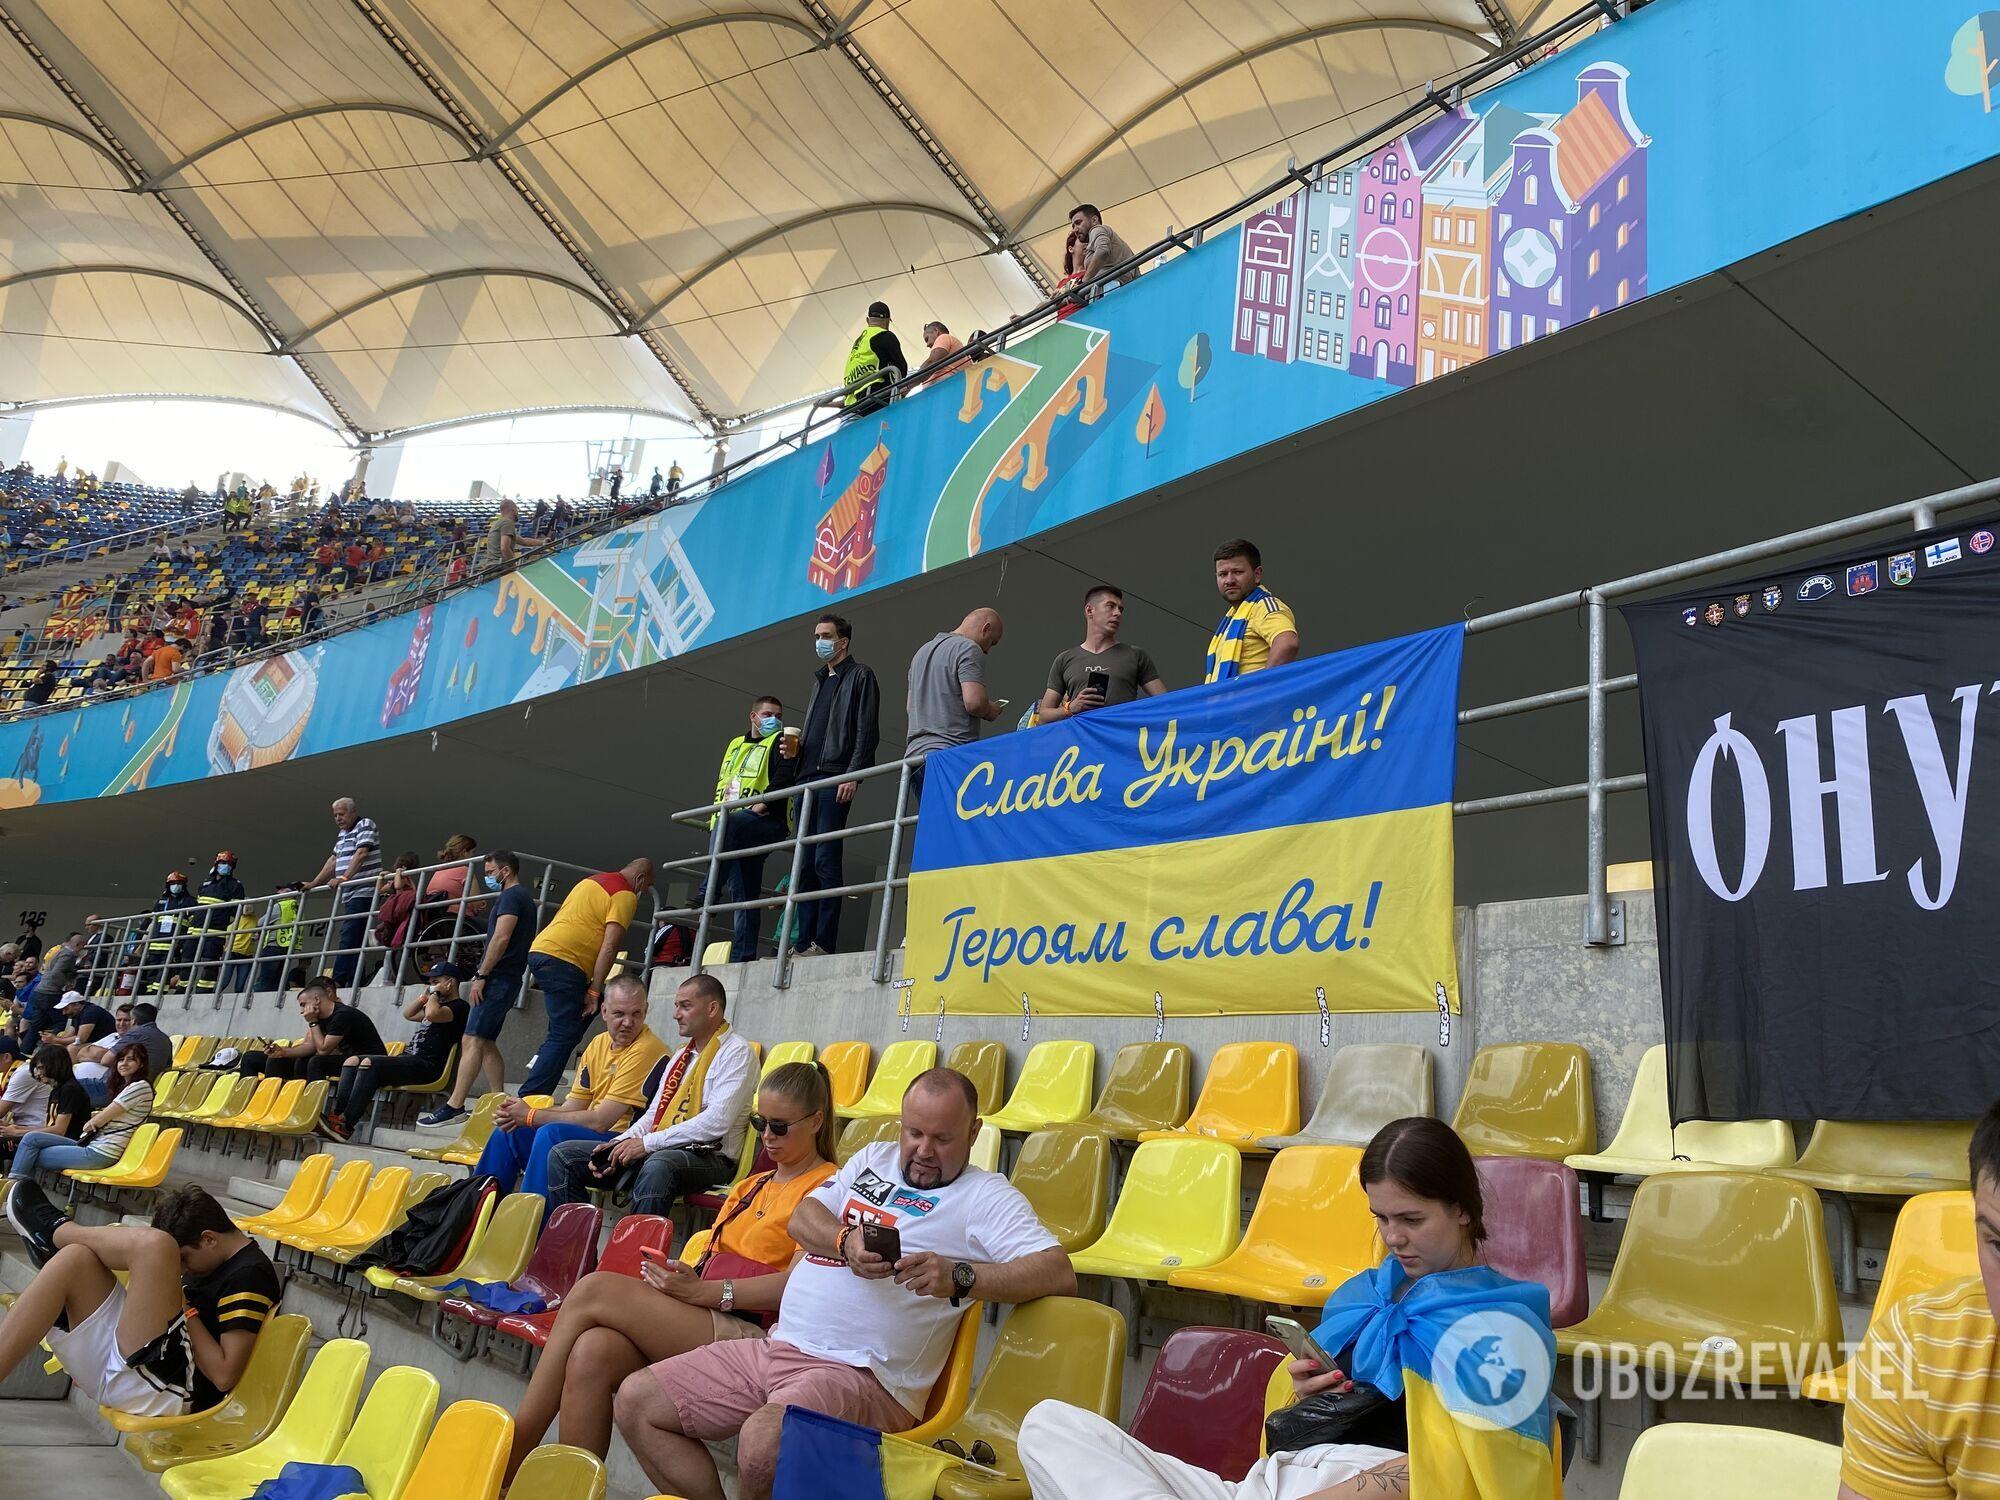 Украинские болельщики во время матча.